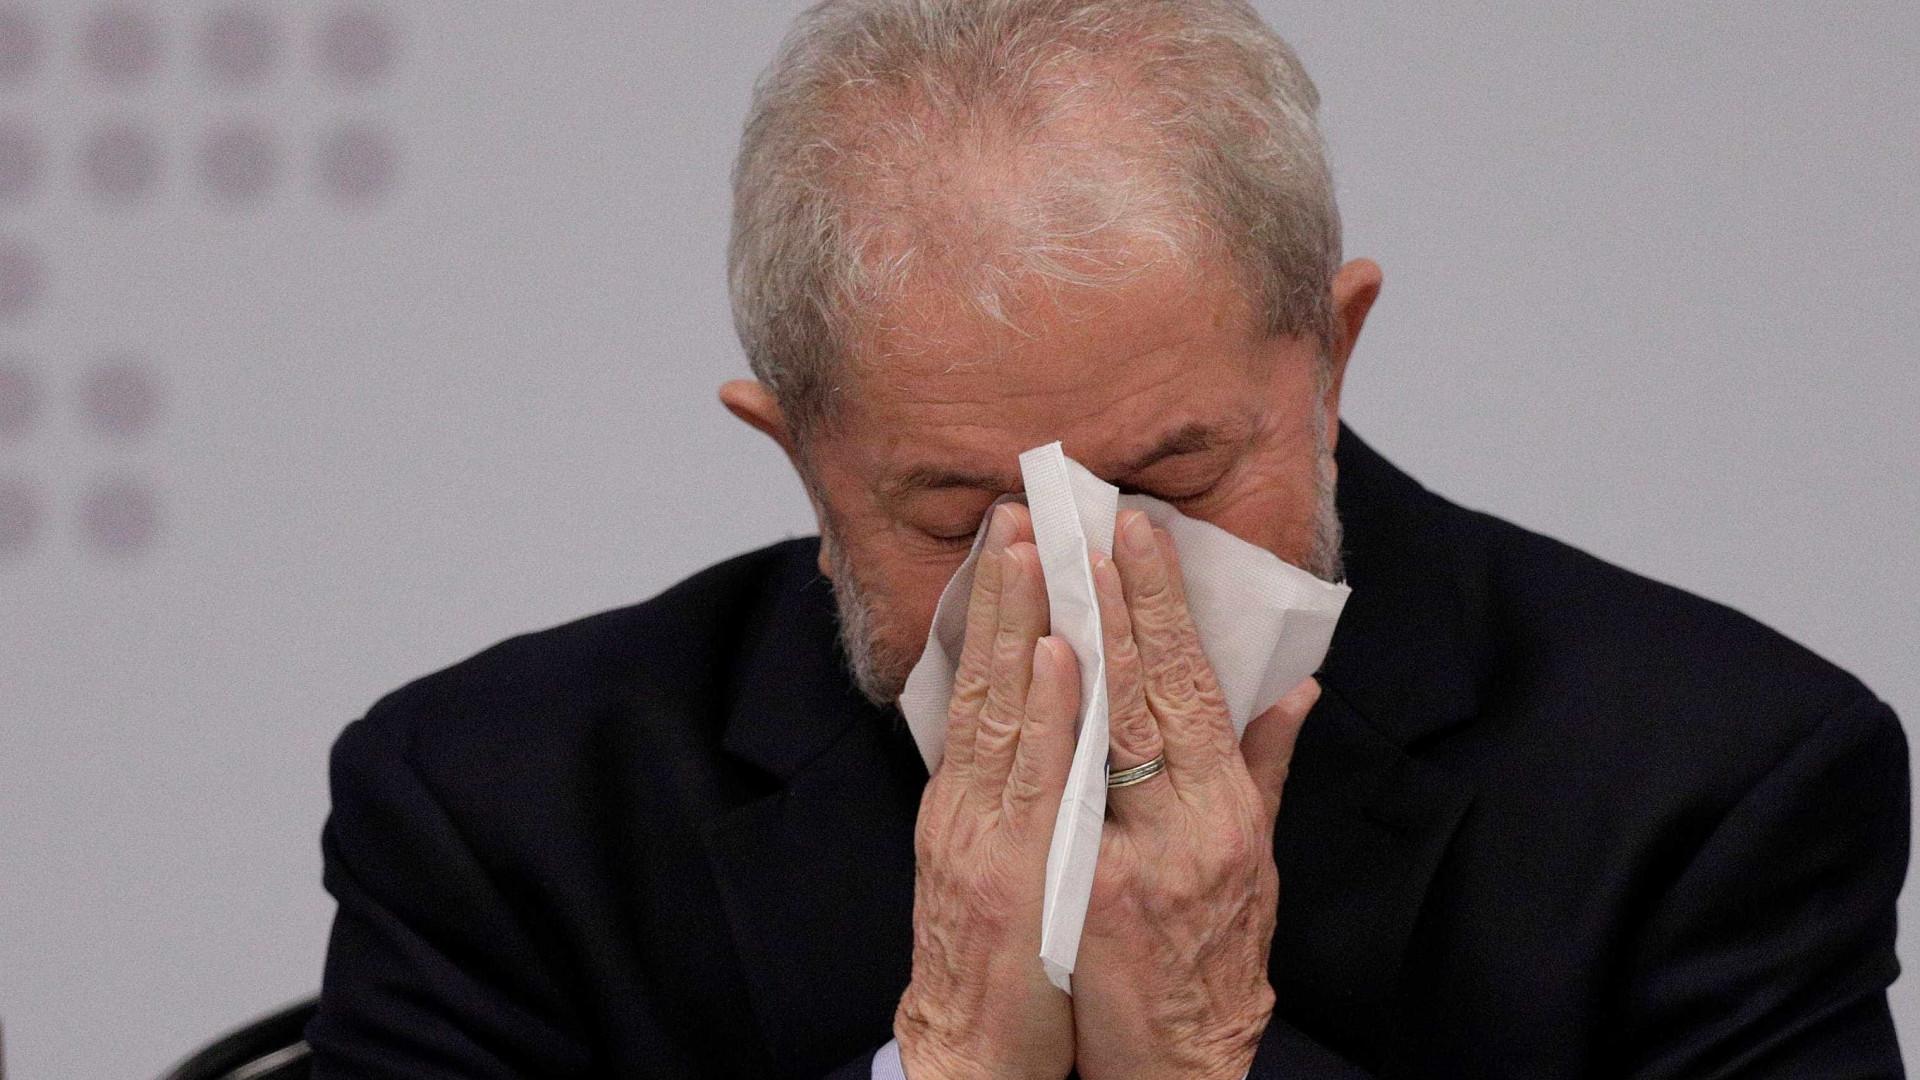 STJ nega pedido de Lula para declarar Moro 'suspeito' em processos